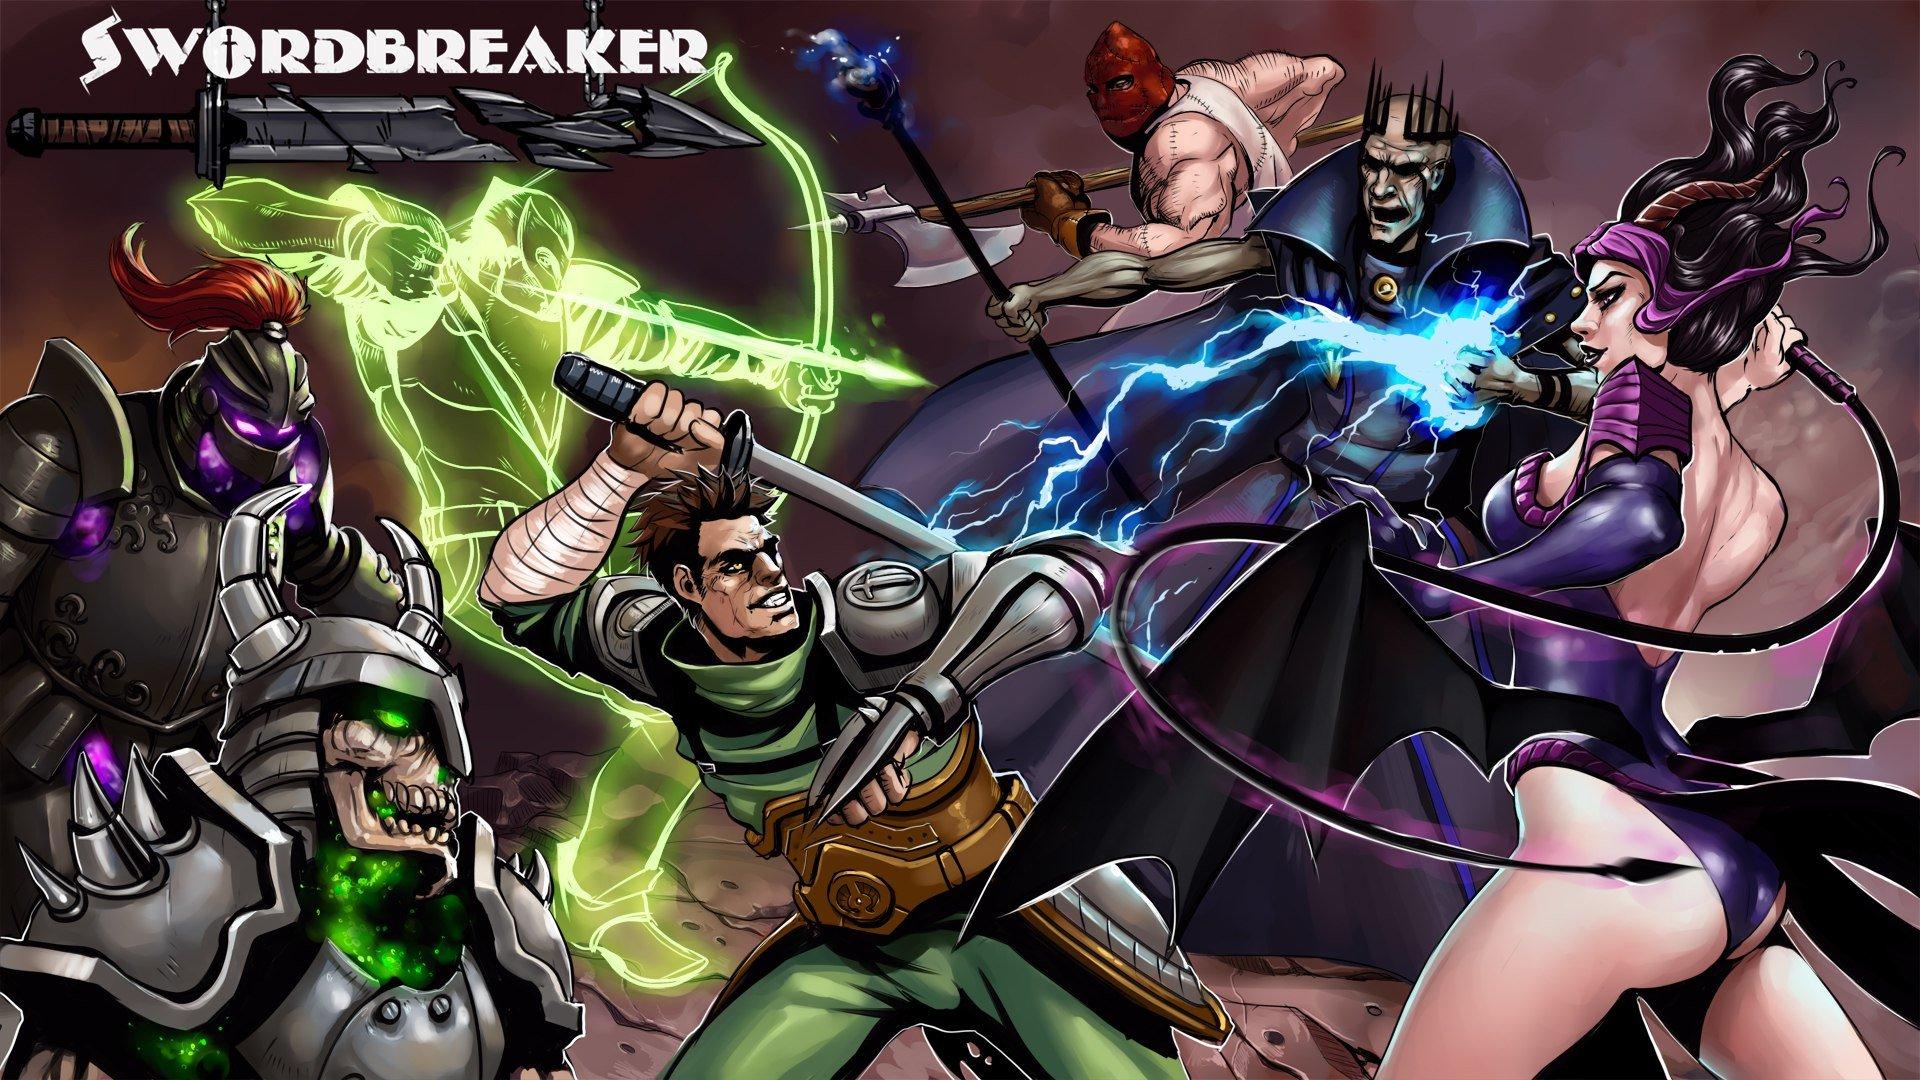 Релиз Swordbreaker'а в Стиме! - Изображение 1